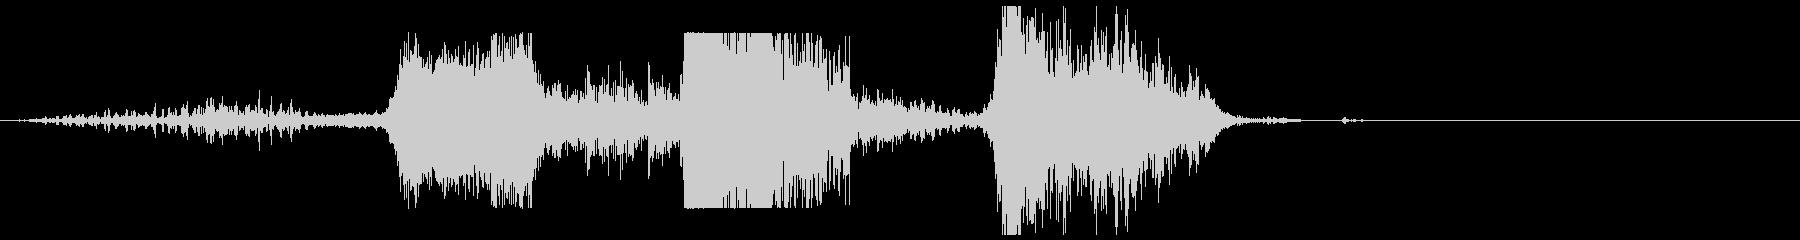 モンスターアクション3の未再生の波形